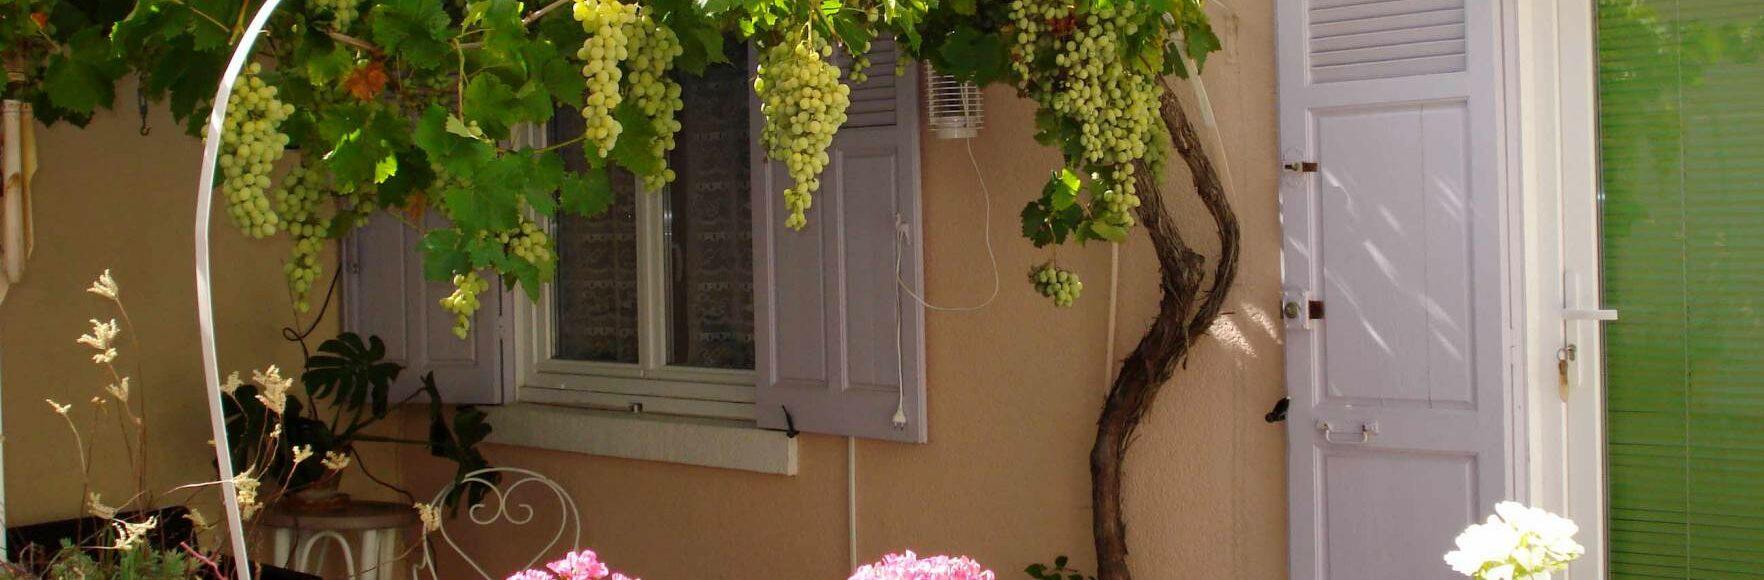 location de vacances à Toulon dans maisonnette provençale